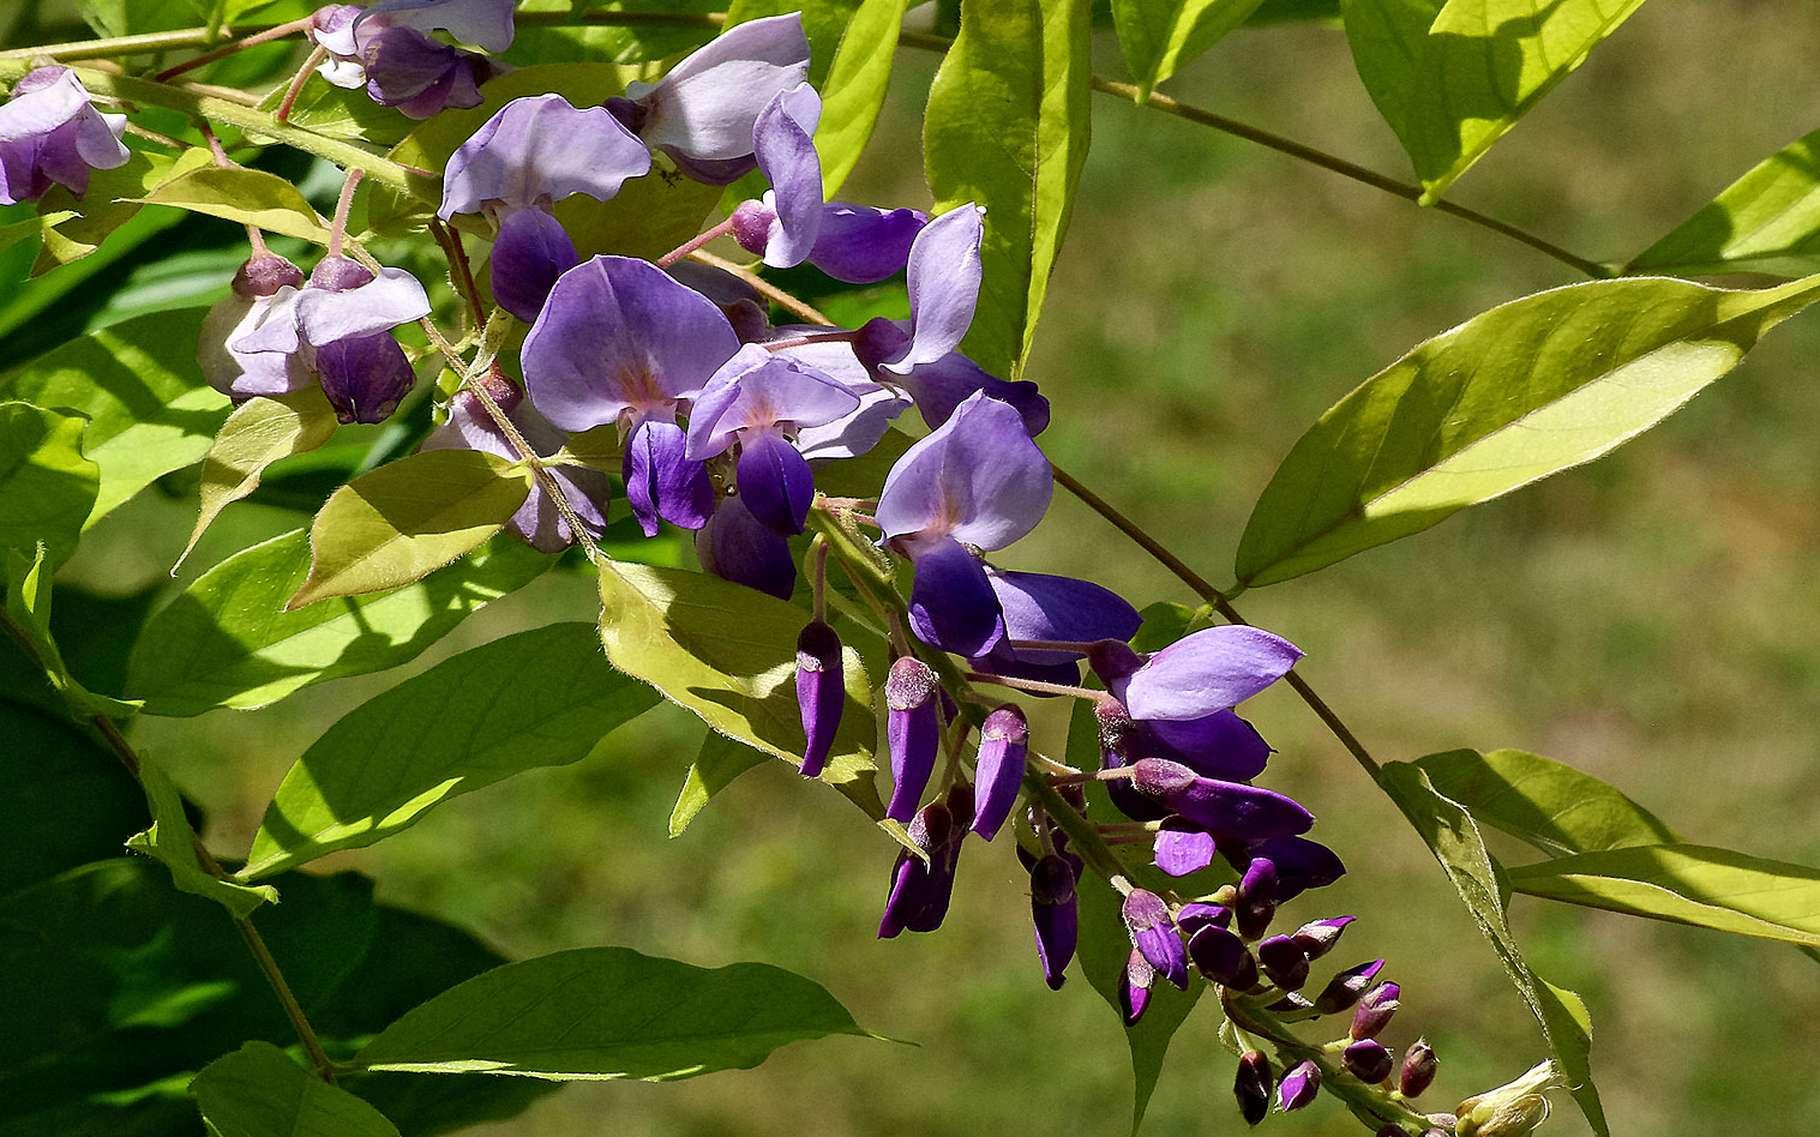 La glycine est une plante grimpante qui appartient à la famille des légumineuses. C'est également un acide aminé, noté Gly.© Photozou, DR